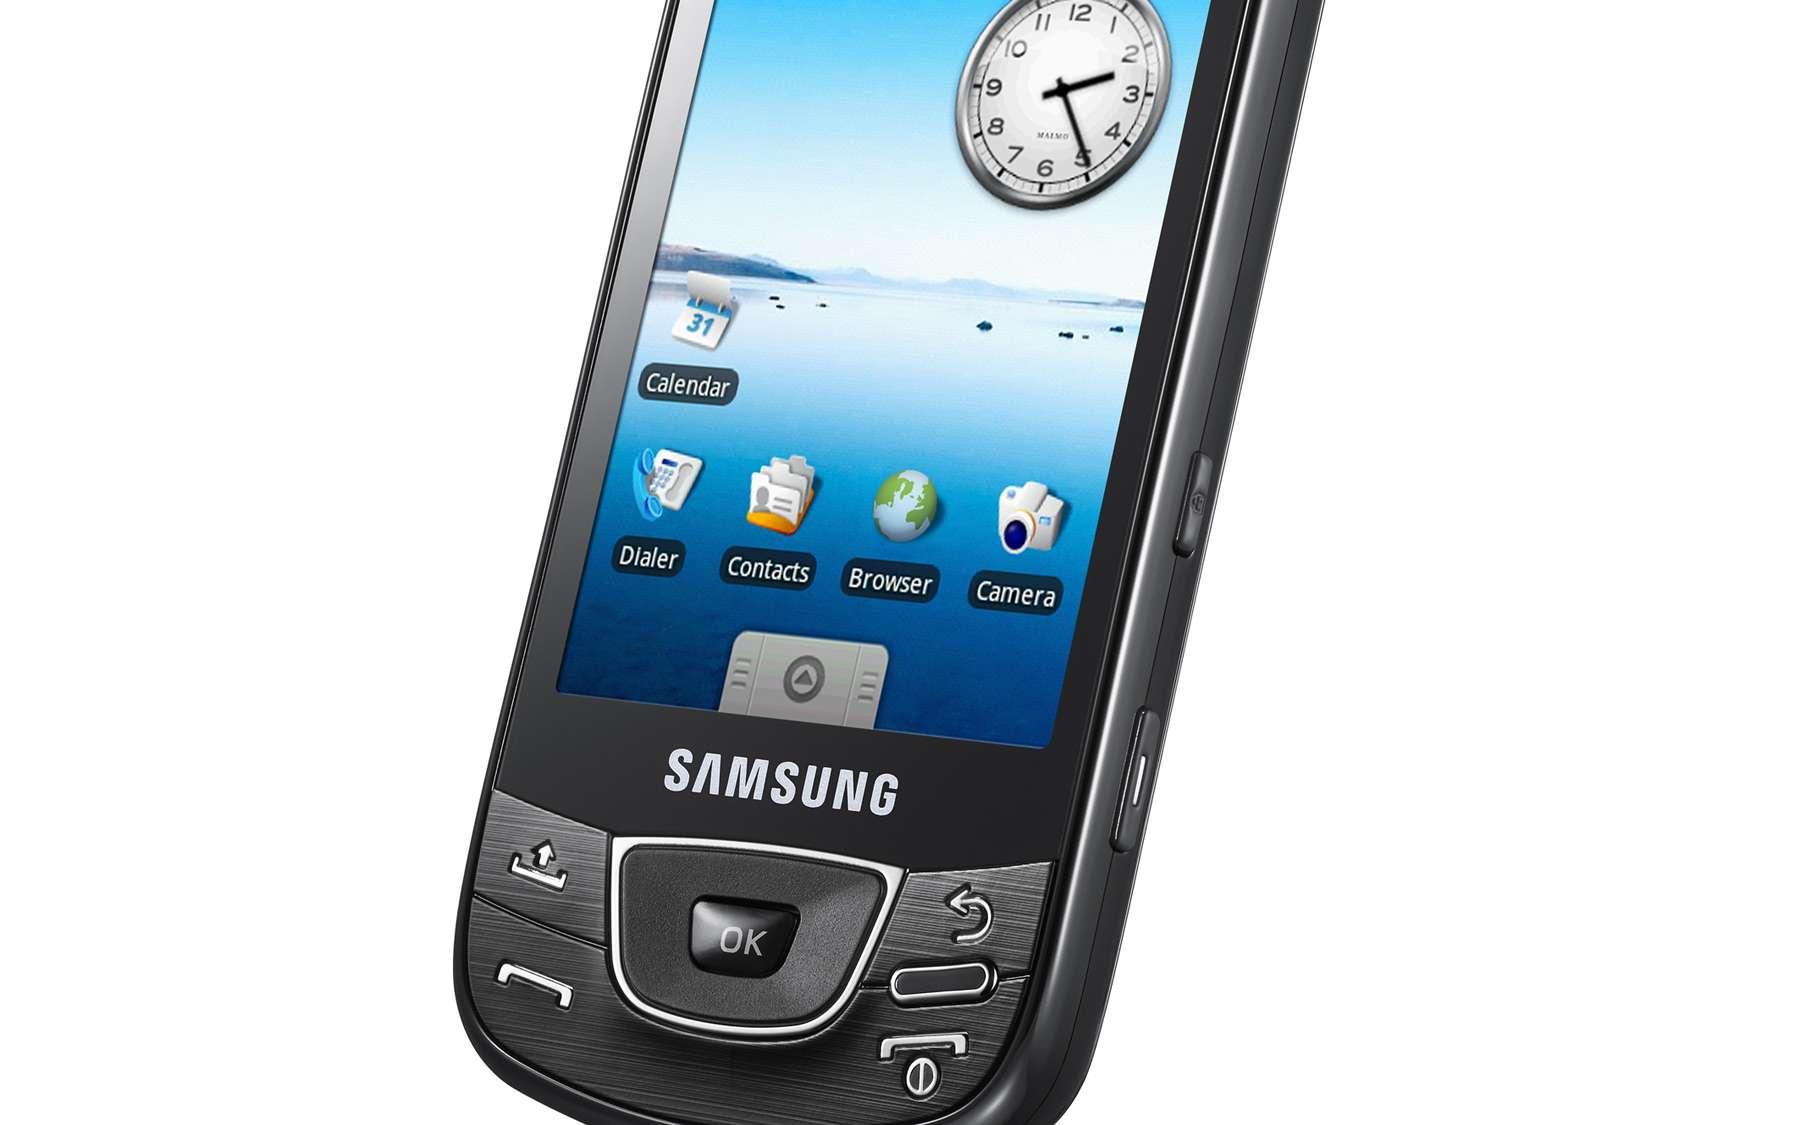 Les smartphones, comme ce Galaxy i7500 (Samsung), deviendront-ils les proies d'une nouvelle piraterie ? © Samsung